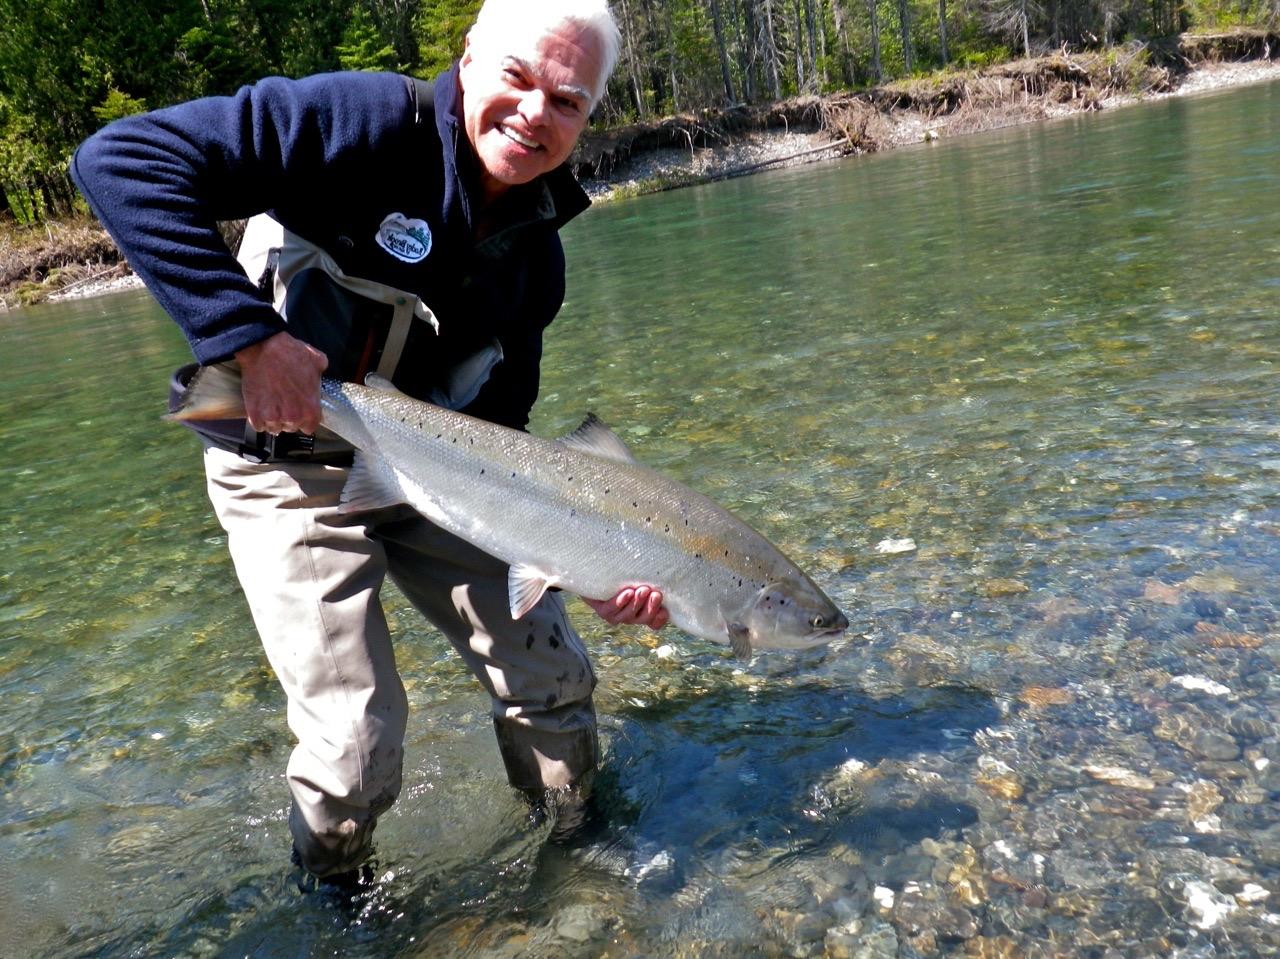 Dale Fox remet à l'eau un très beau saumon. Félicitations, Dale!